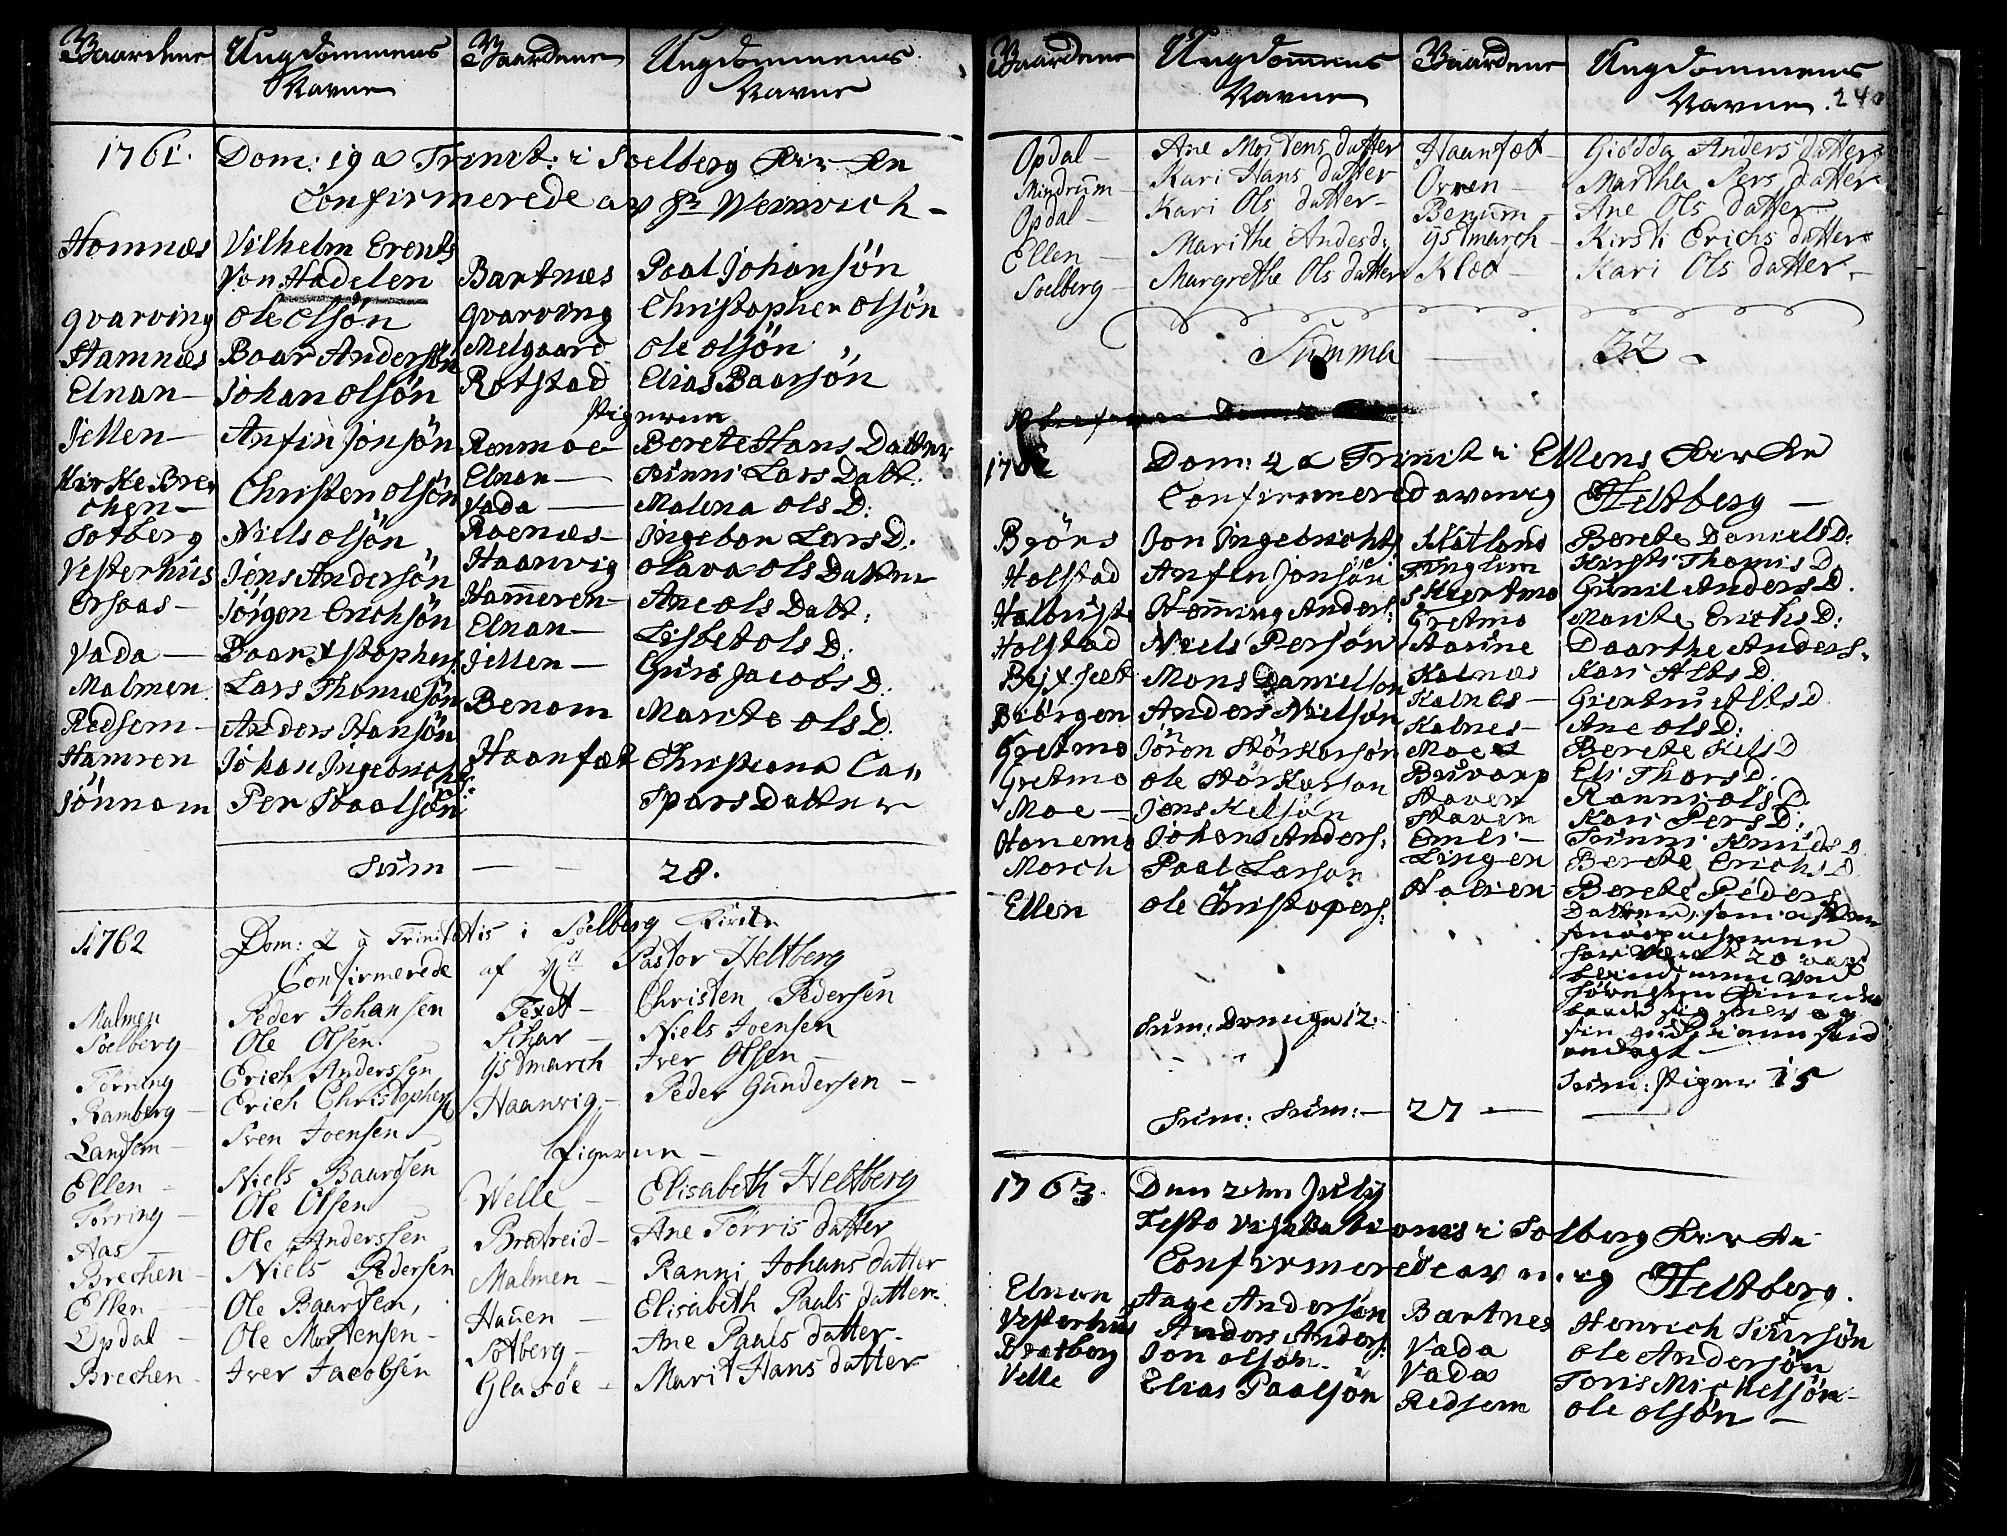 SAT, Ministerialprotokoller, klokkerbøker og fødselsregistre - Nord-Trøndelag, 741/L0385: Ministerialbok nr. 741A01, 1722-1815, s. 240